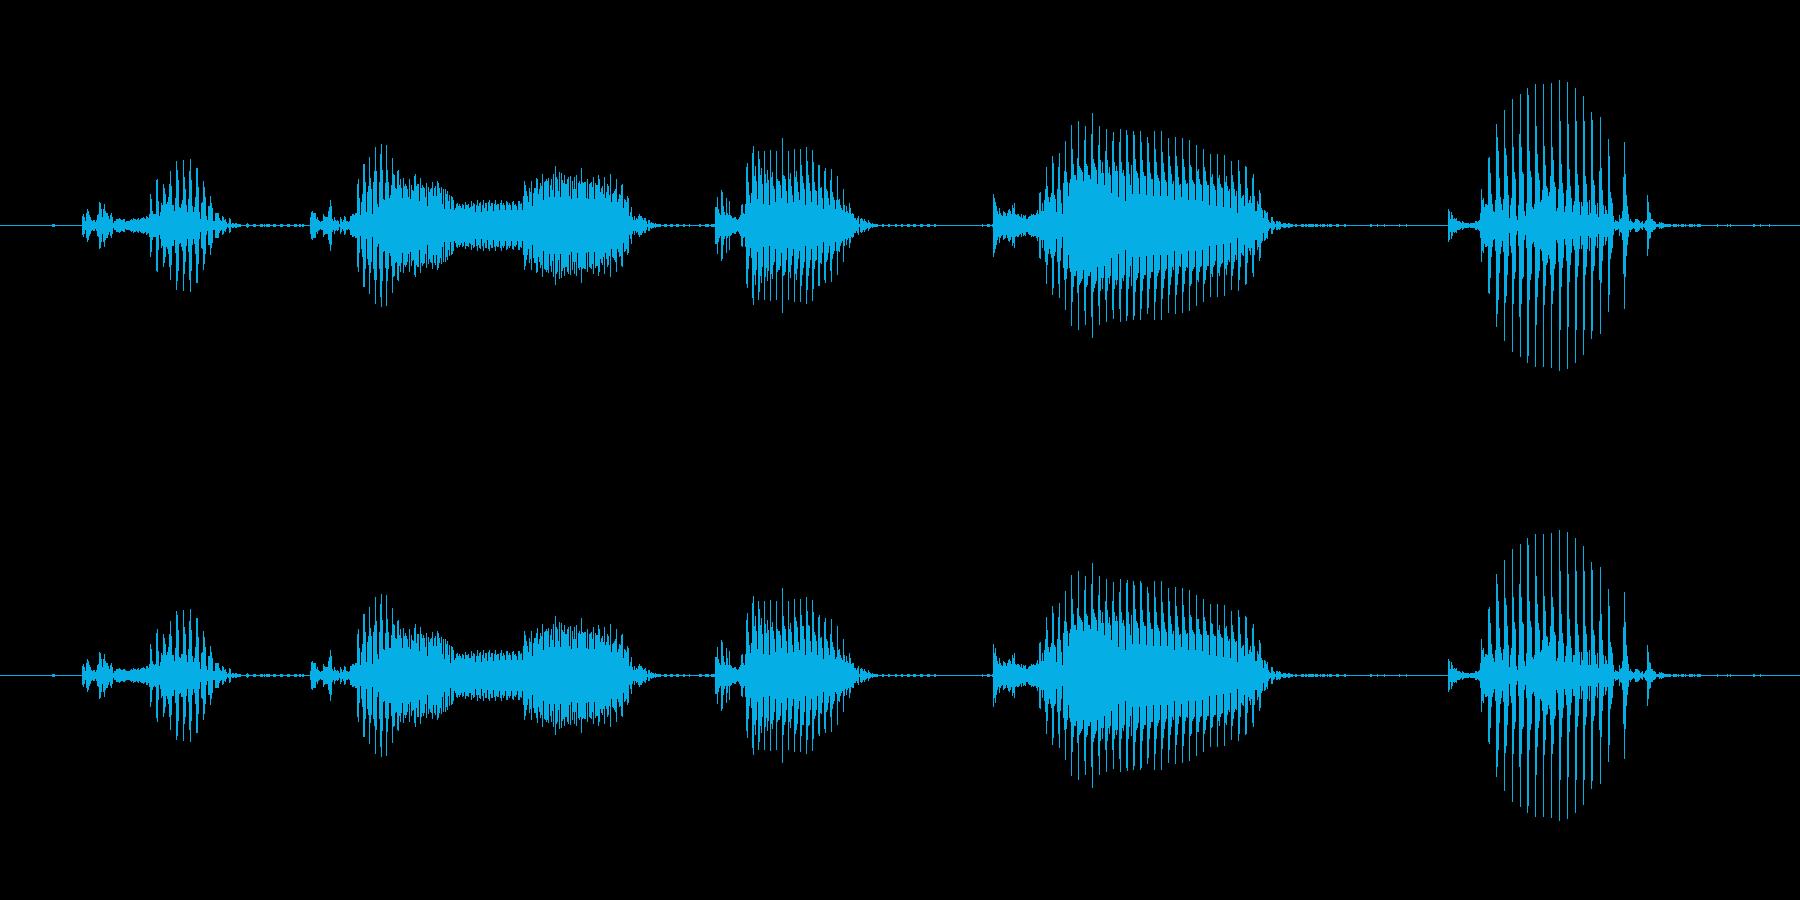 【日数・経過】9日経過の再生済みの波形